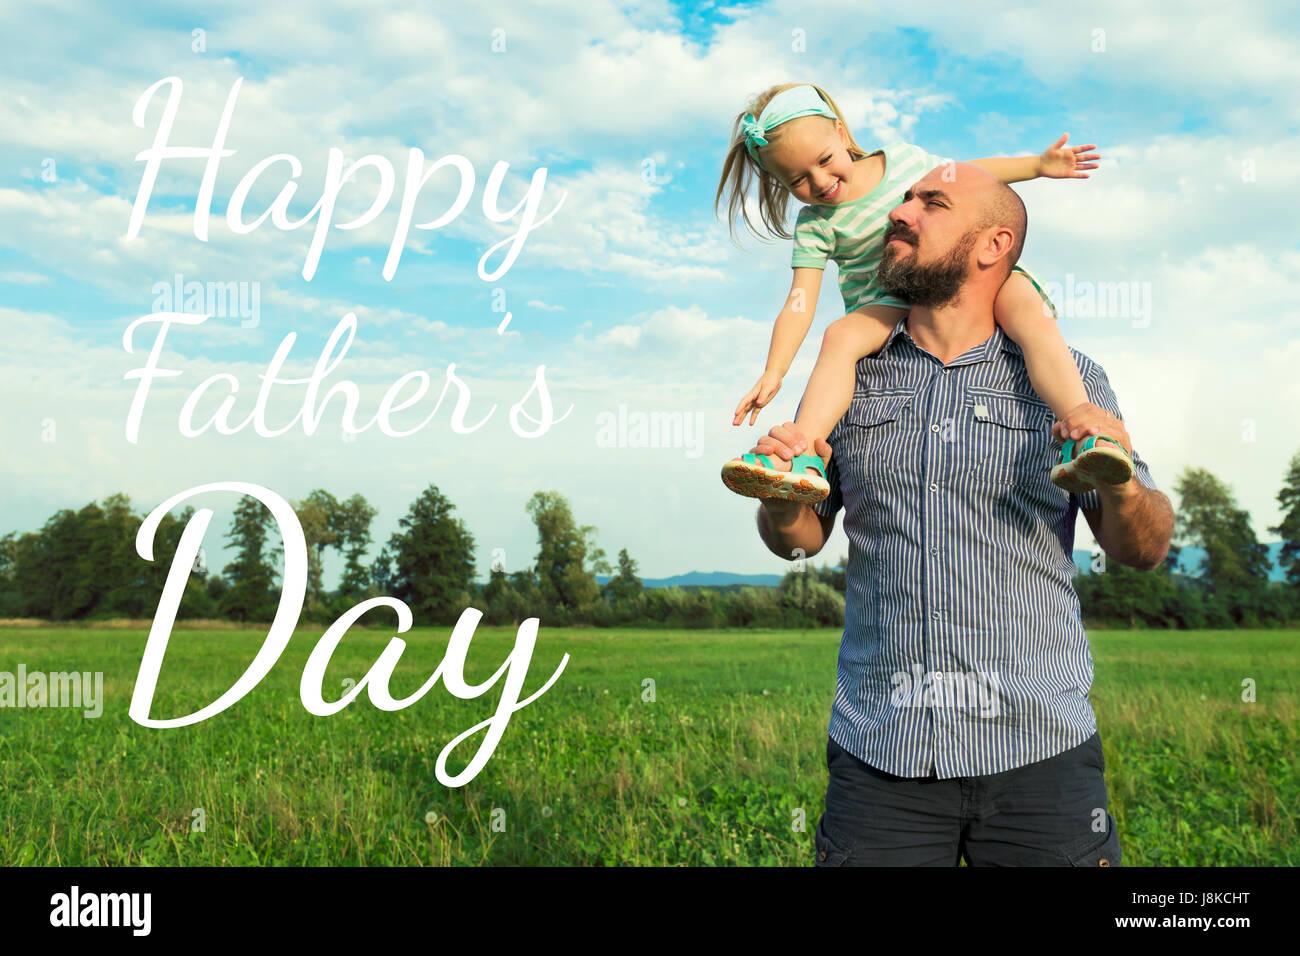 Père et fille adorable portrait, famille heureuse, concept de la fête des pères Photo Stock